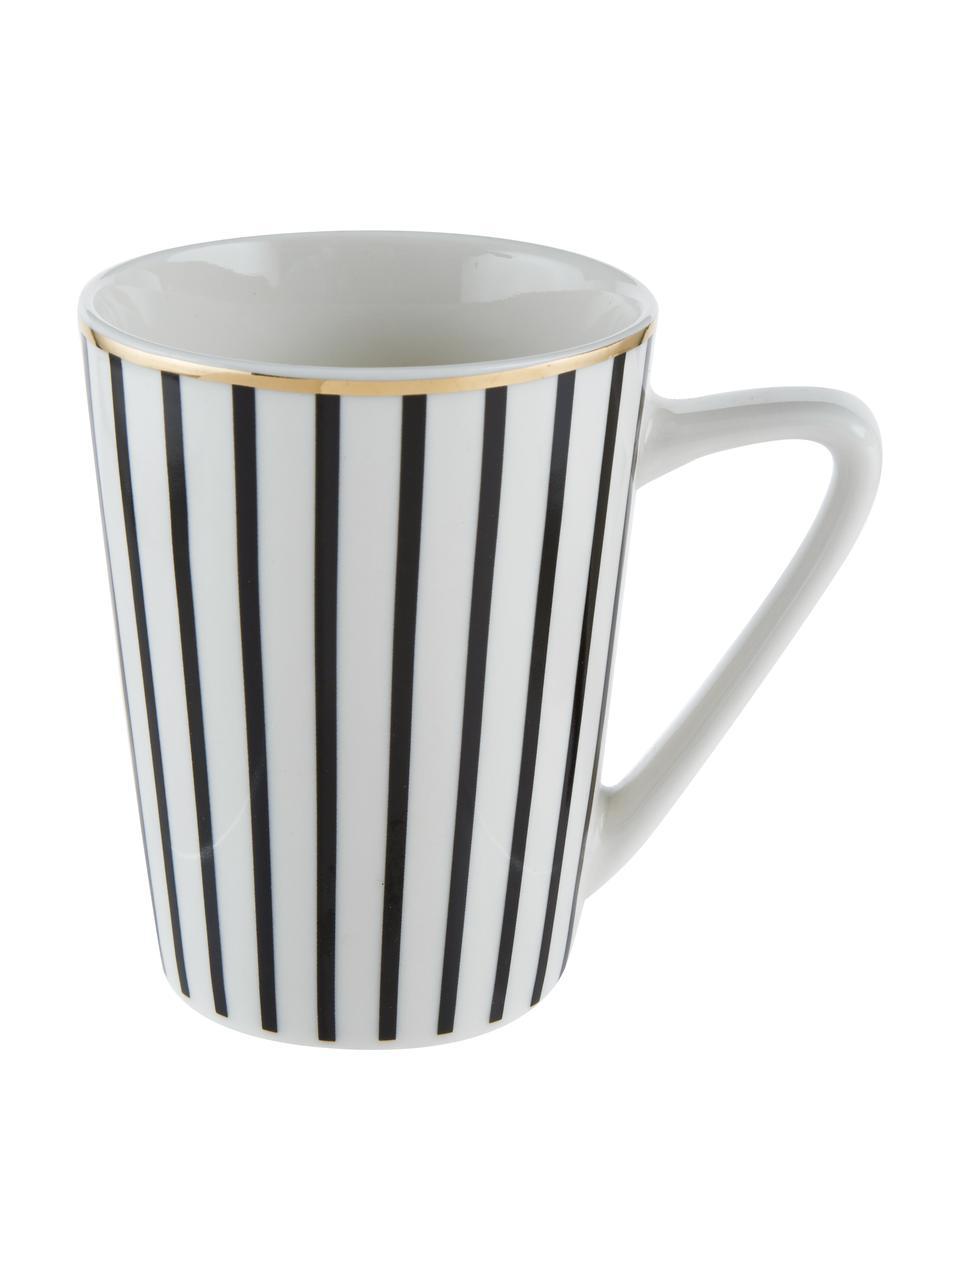 Tasse à thé design en porcelaine Pluto Loft, 4pièces, Noir, blanc, couleur dorée